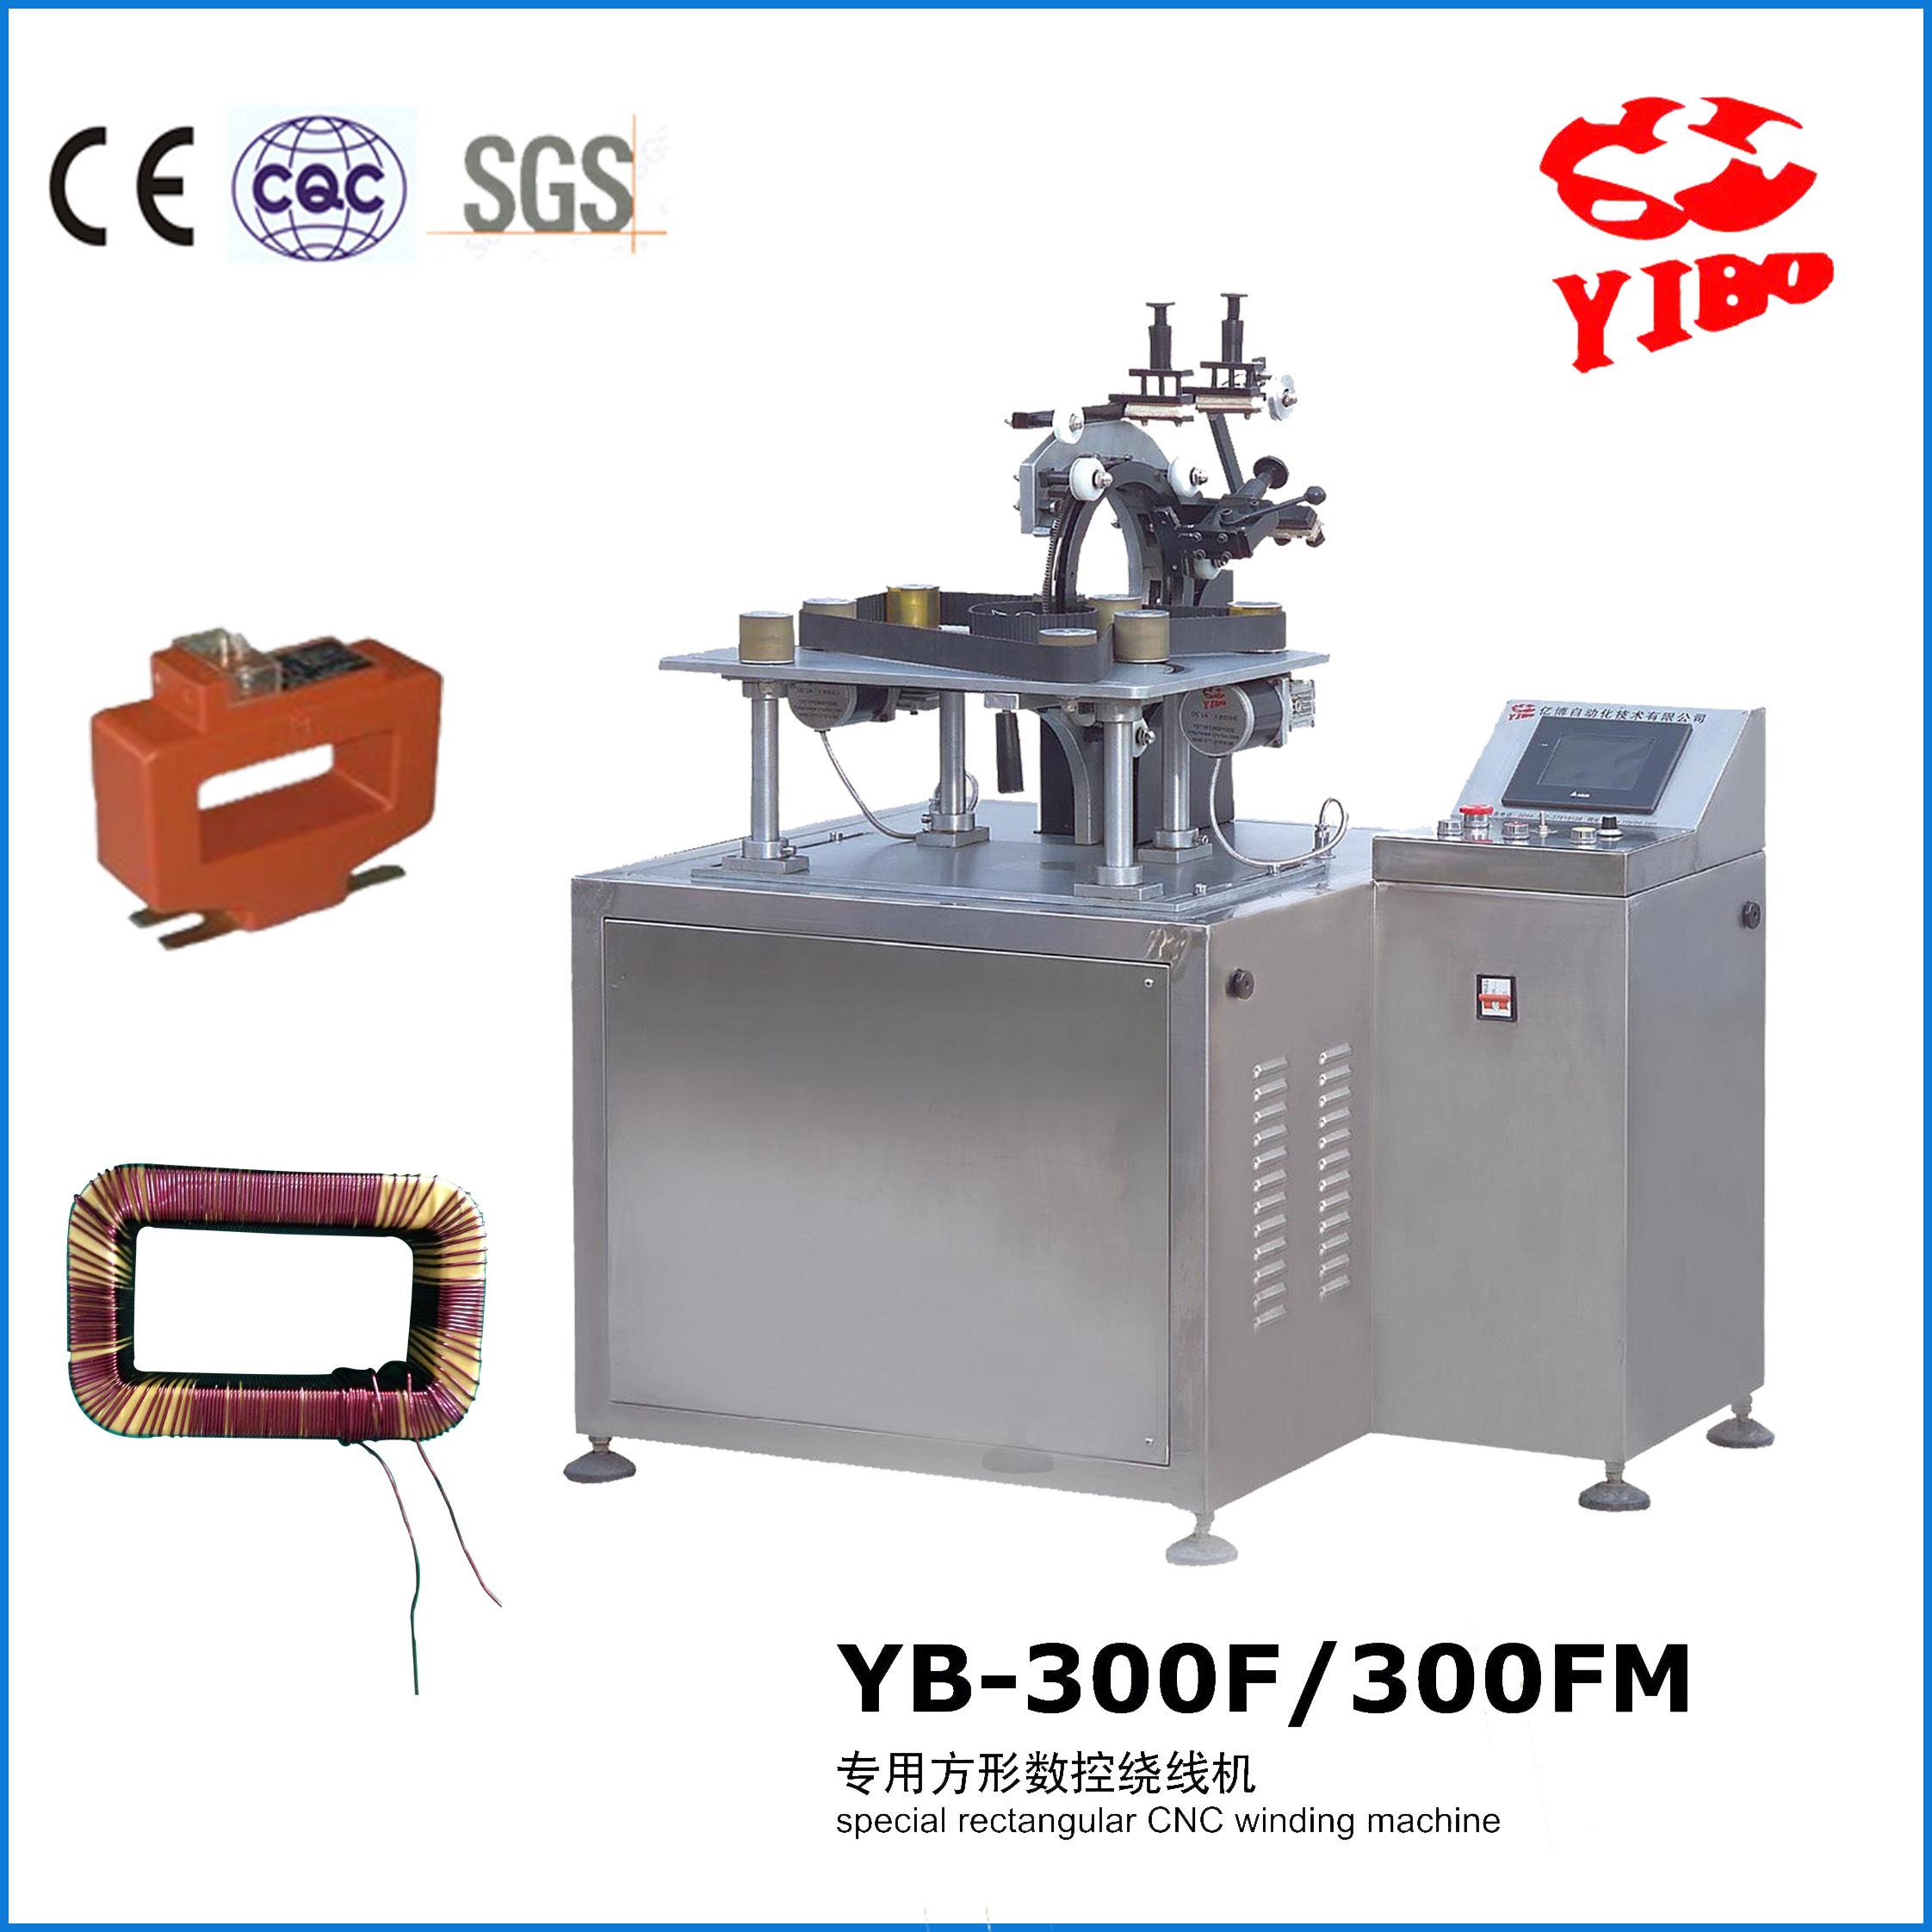 江西亿博 YB-300F专用方形 异形线圈数控封闭环形绕线机